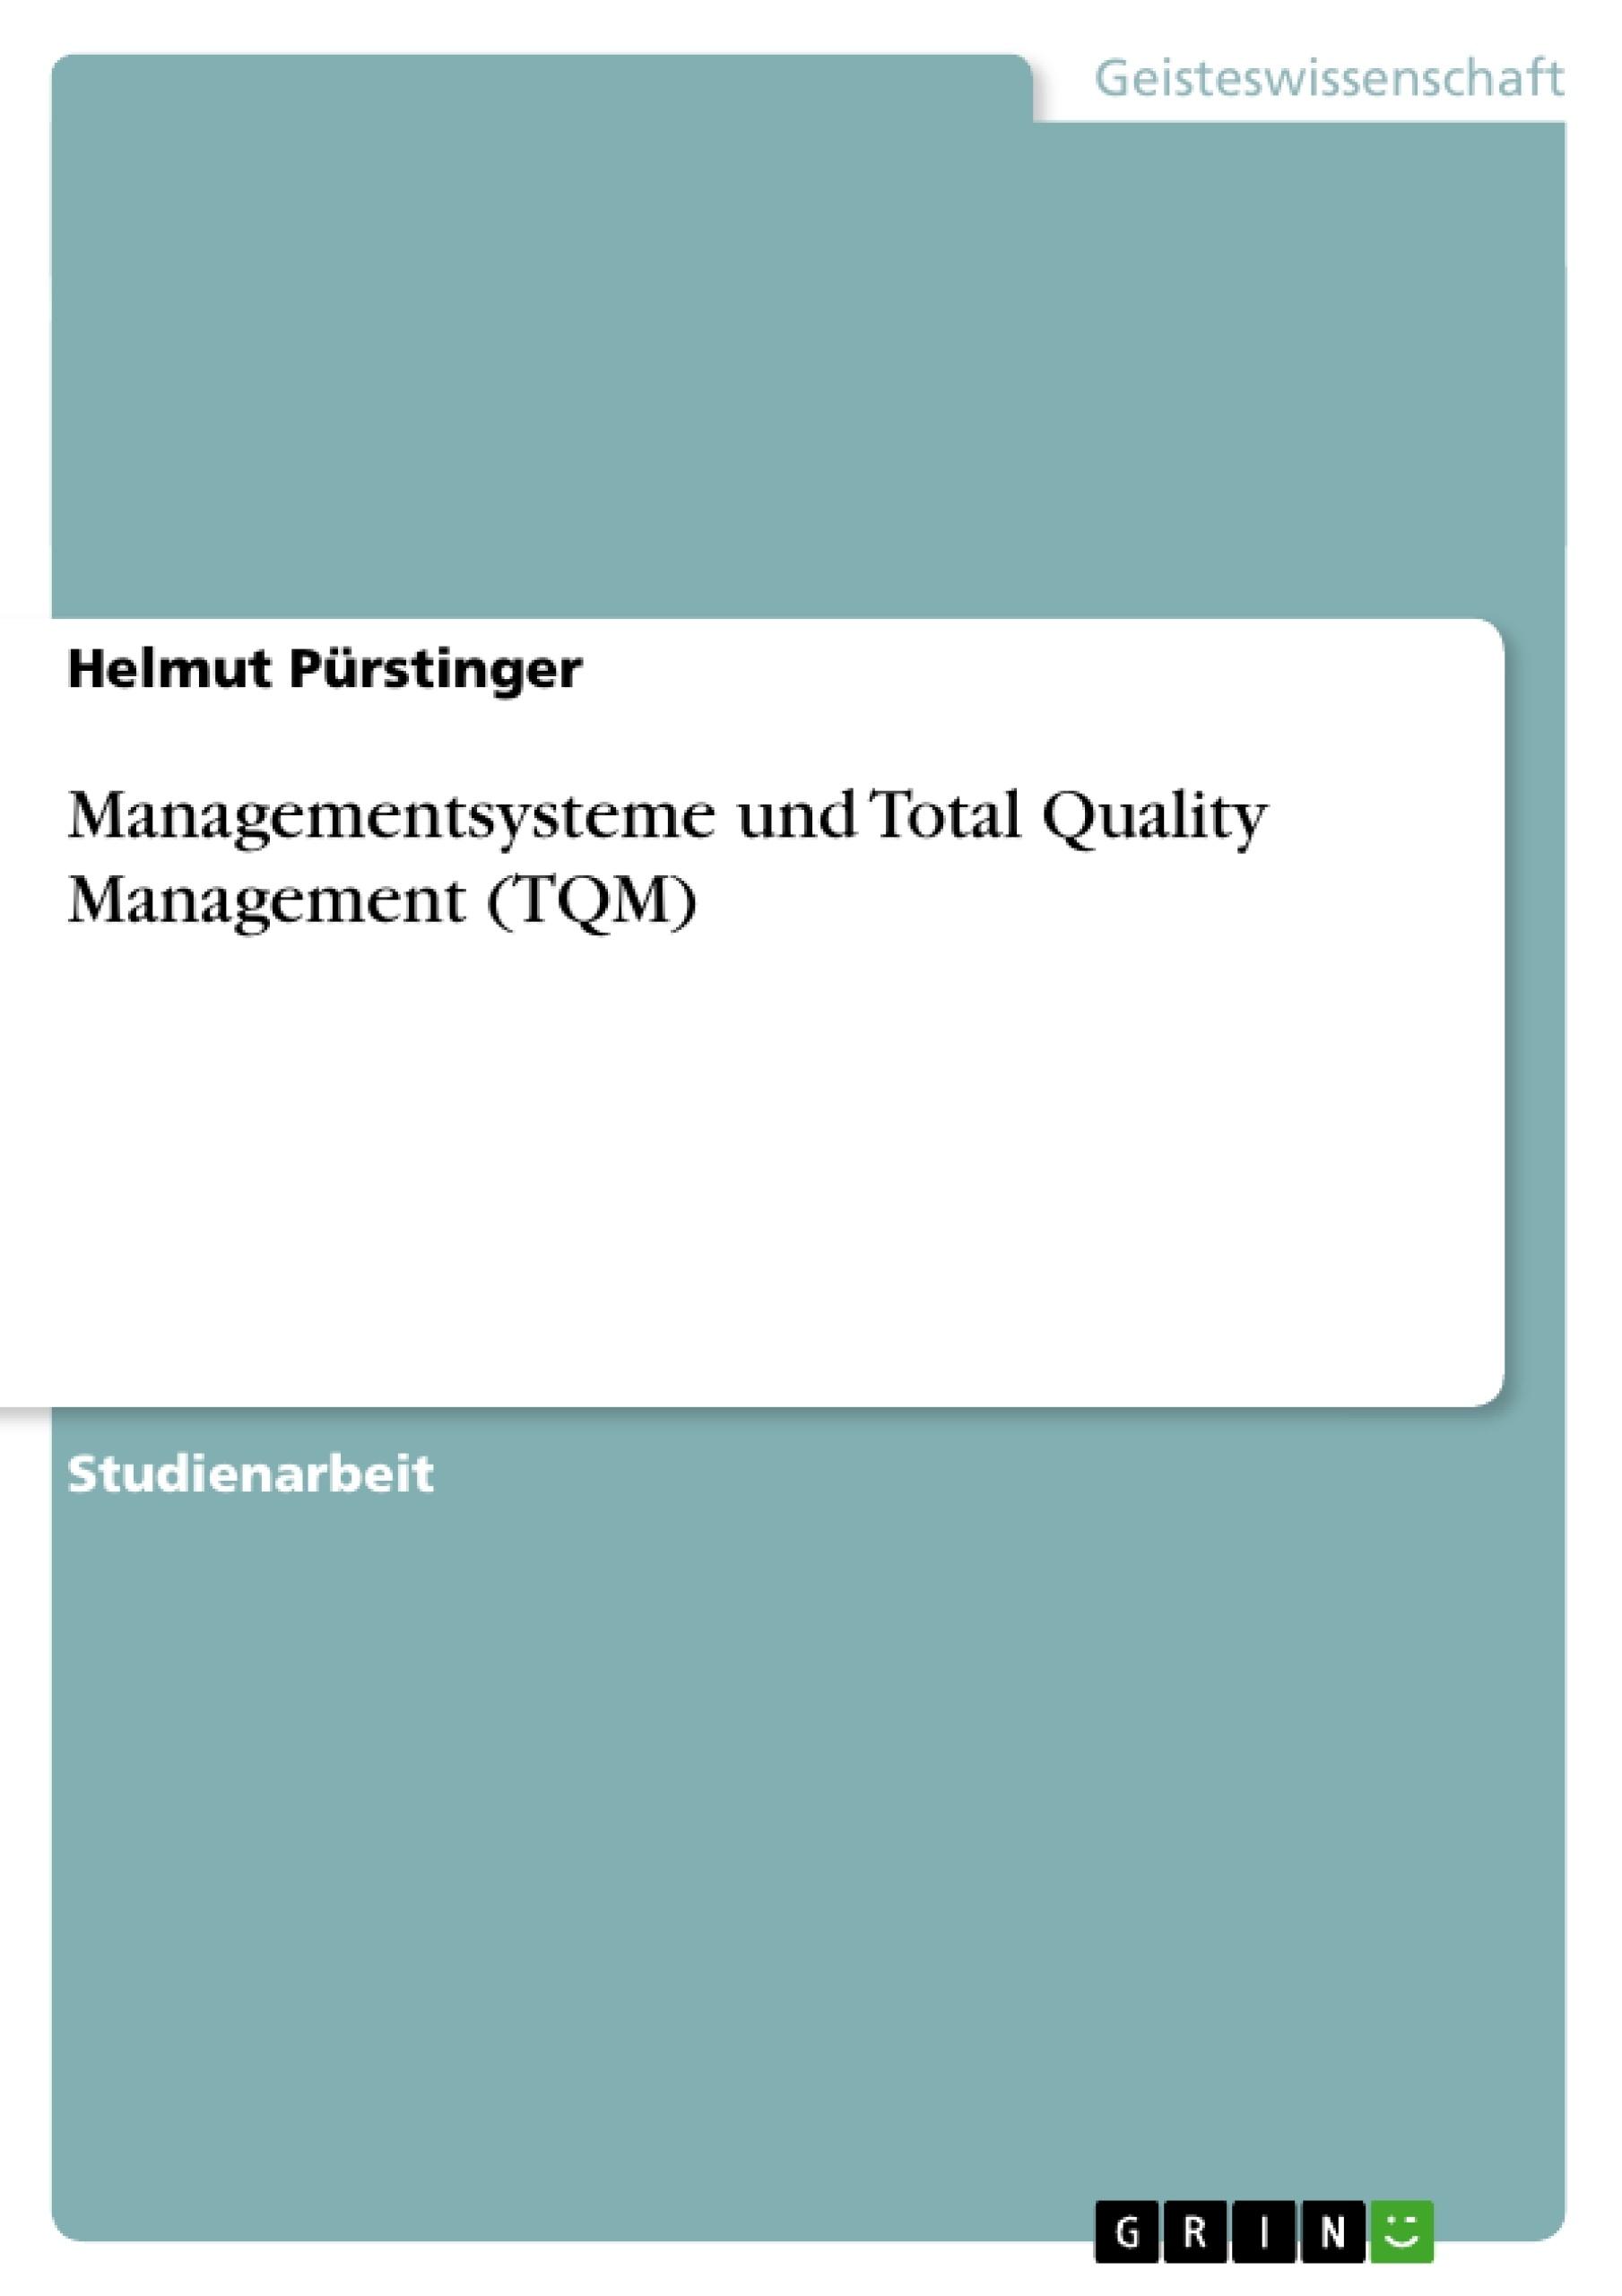 Titel: Managementsysteme und Total Quality Management (TQM)